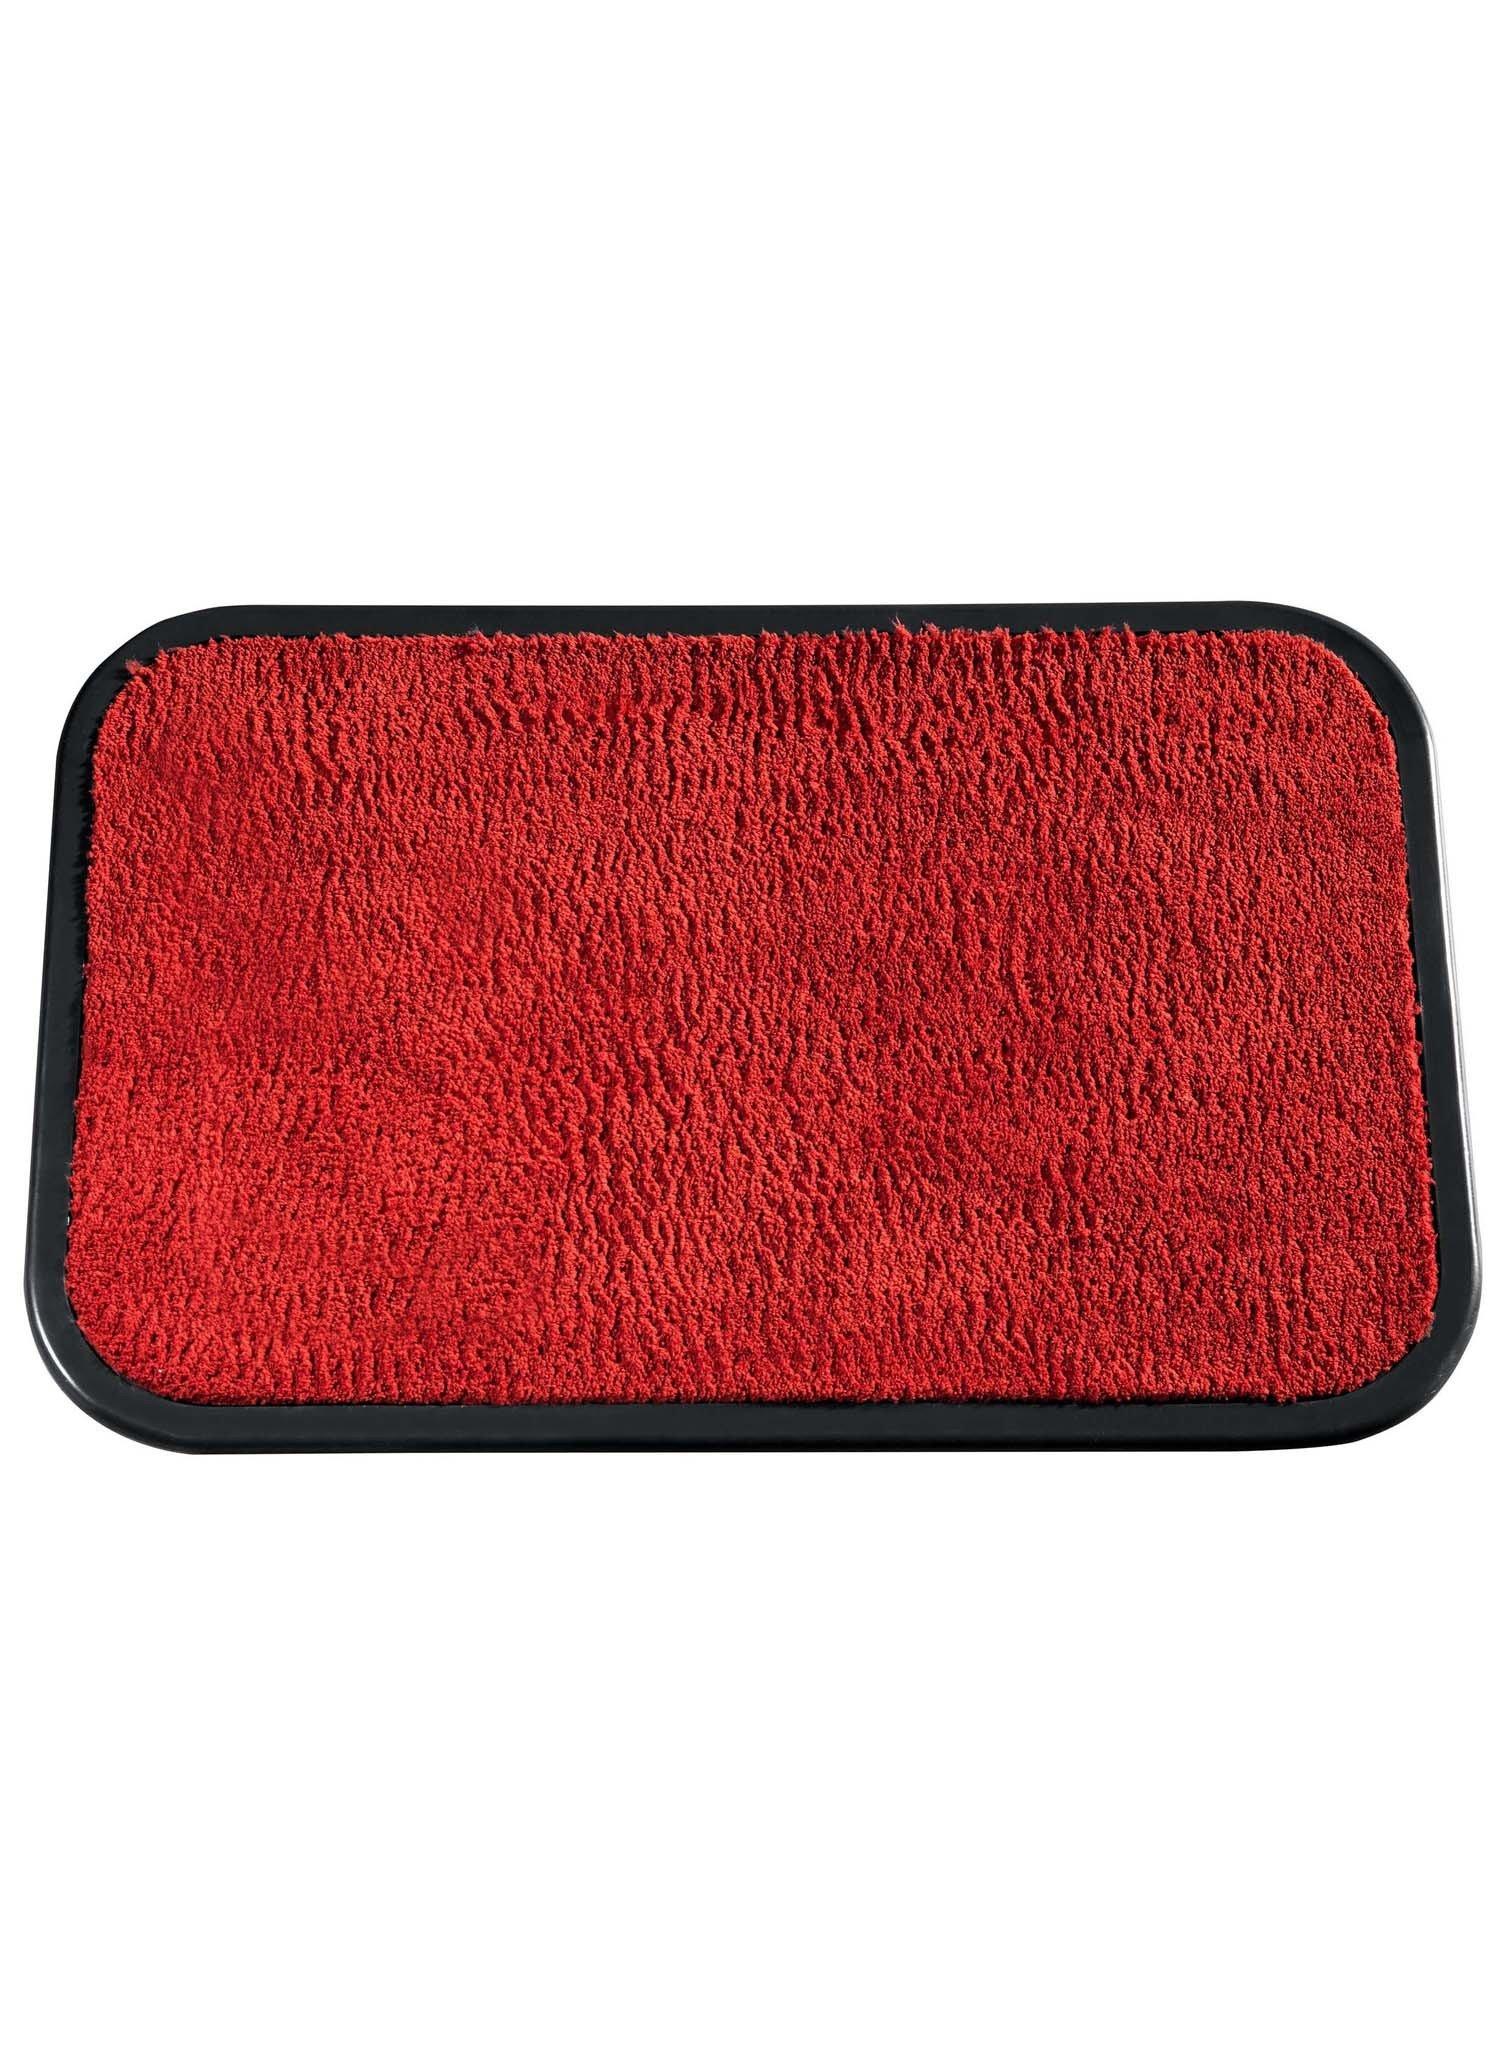 Waschbare Teppichvorlage rot - 1 - Ronja.ch